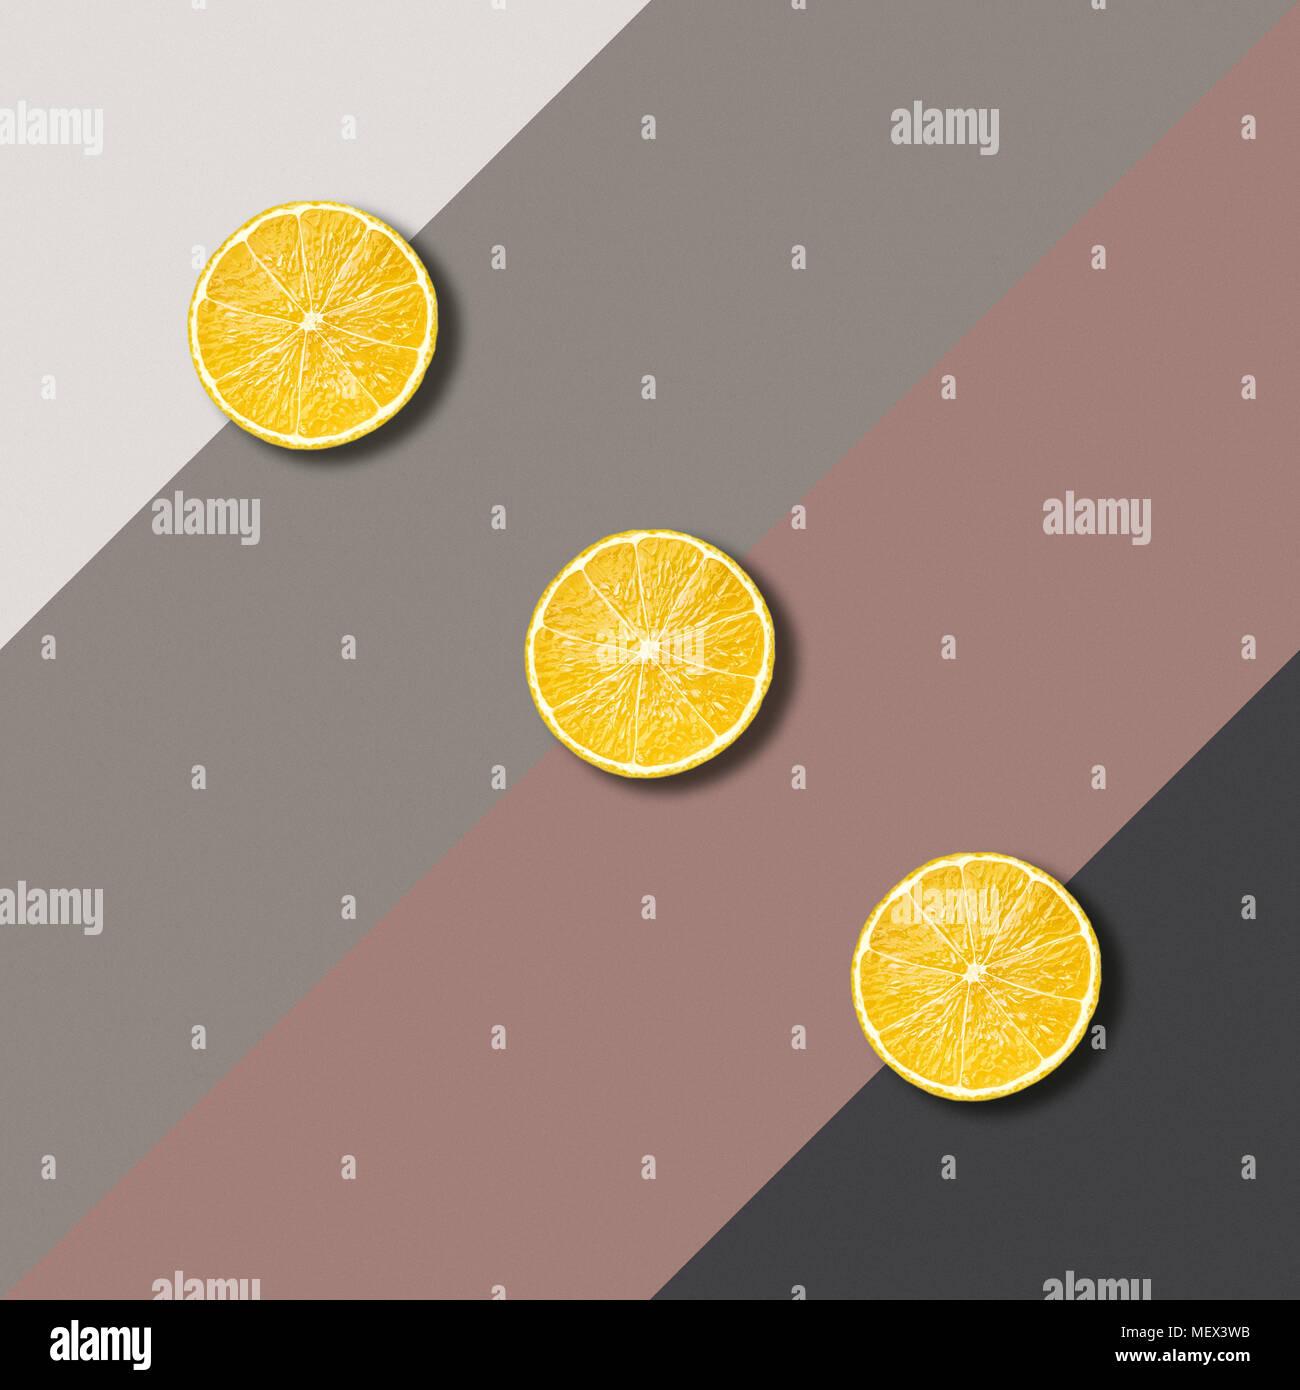 Immagine astratta con tre fette di limone su uno sfondo colorato e minimalista, cibo geometrica fotografia Immagini Stock